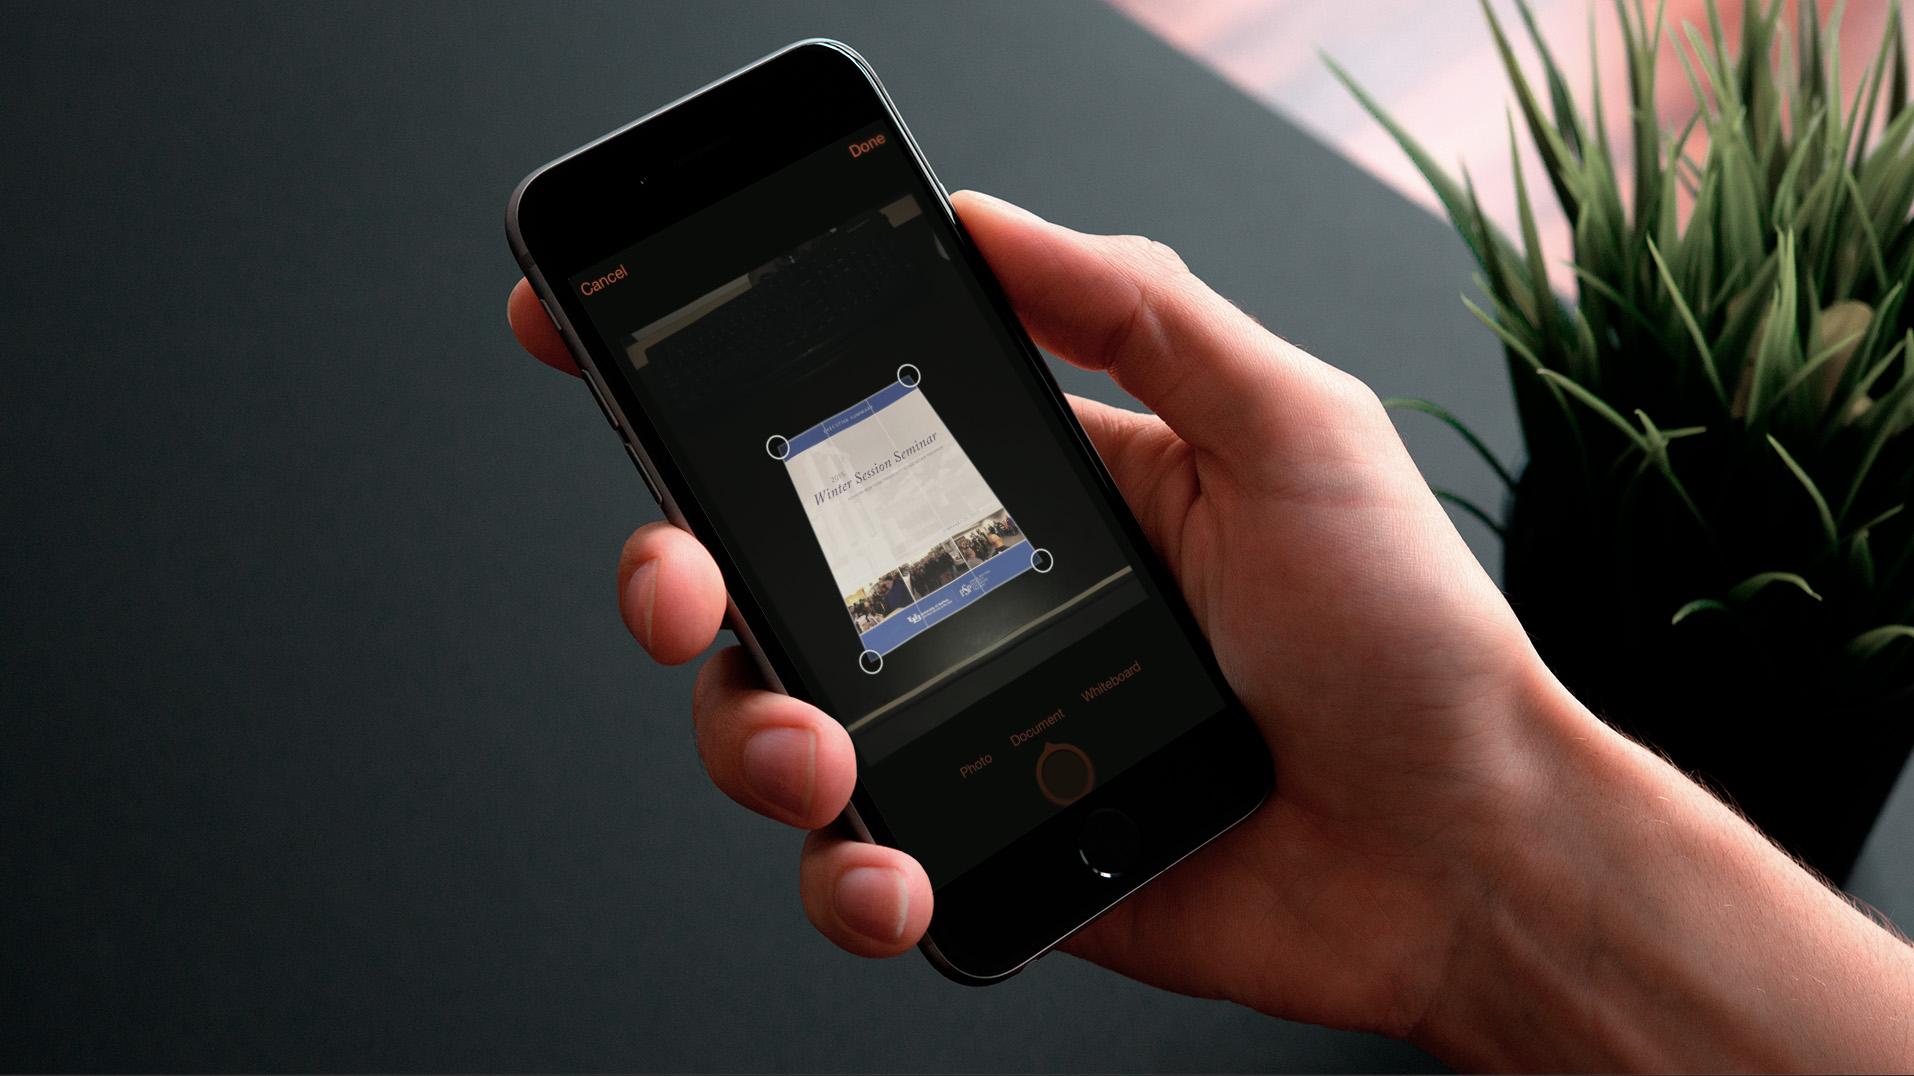 Office Lens para iOS ganha novo leitor Imersivo e Guia de Quadro, veja: